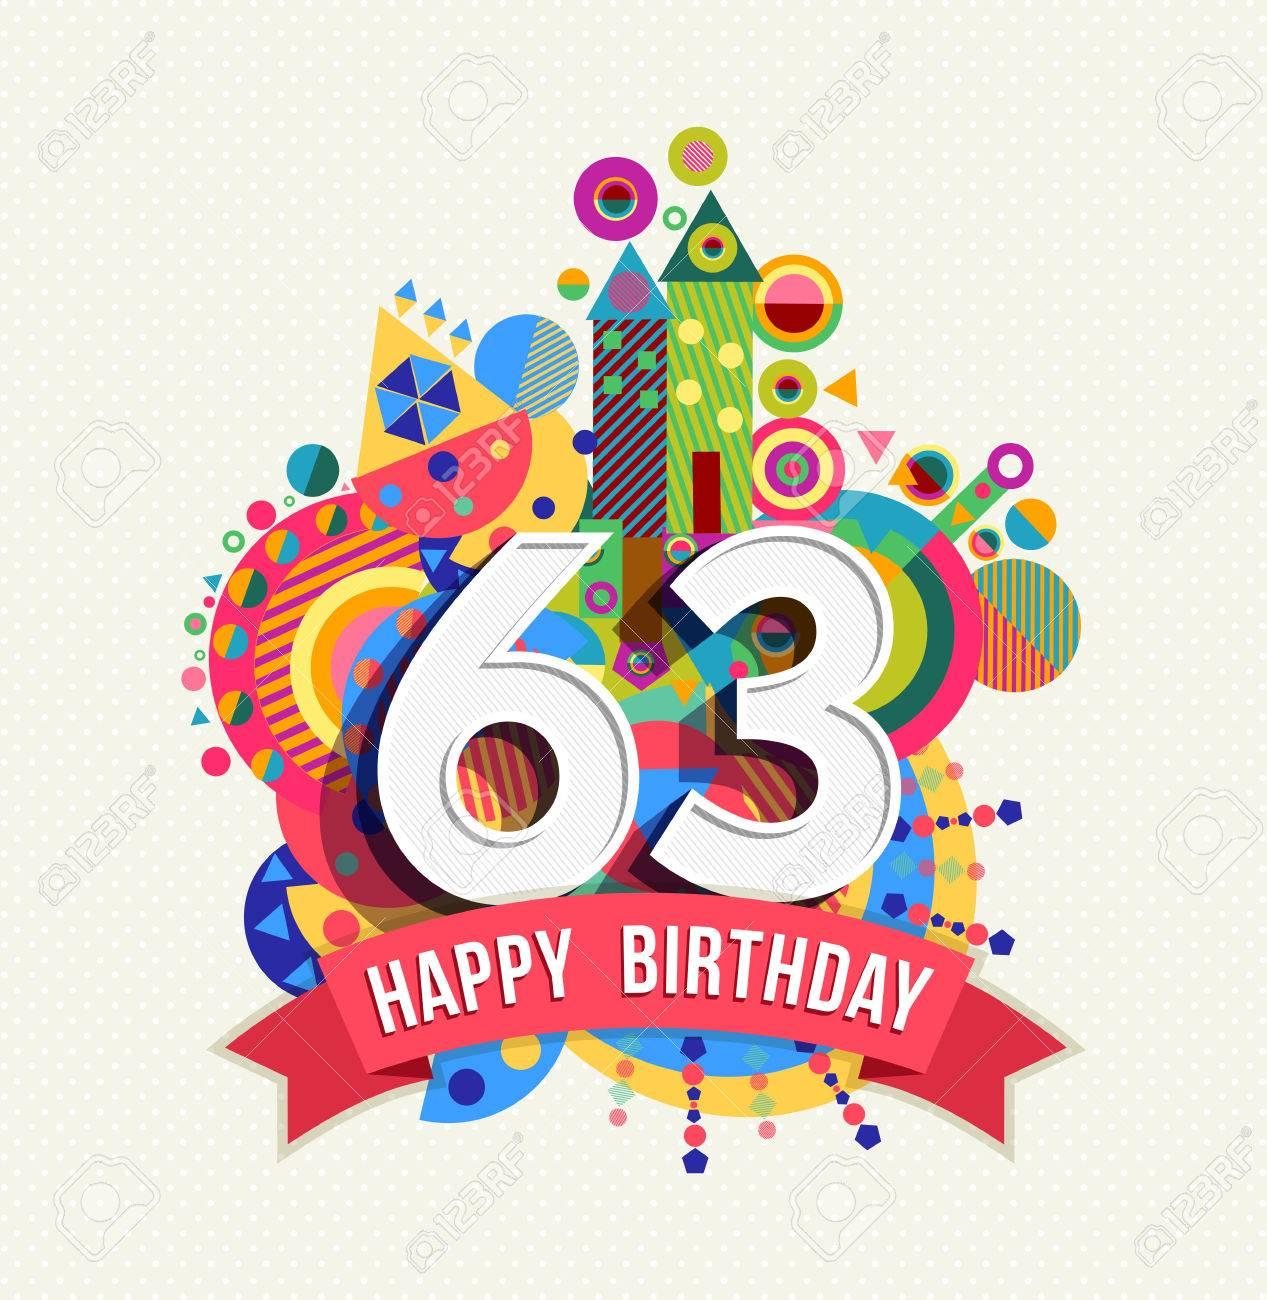 Happy Birthday sixty three 63 year. Stock Vector - 52426140